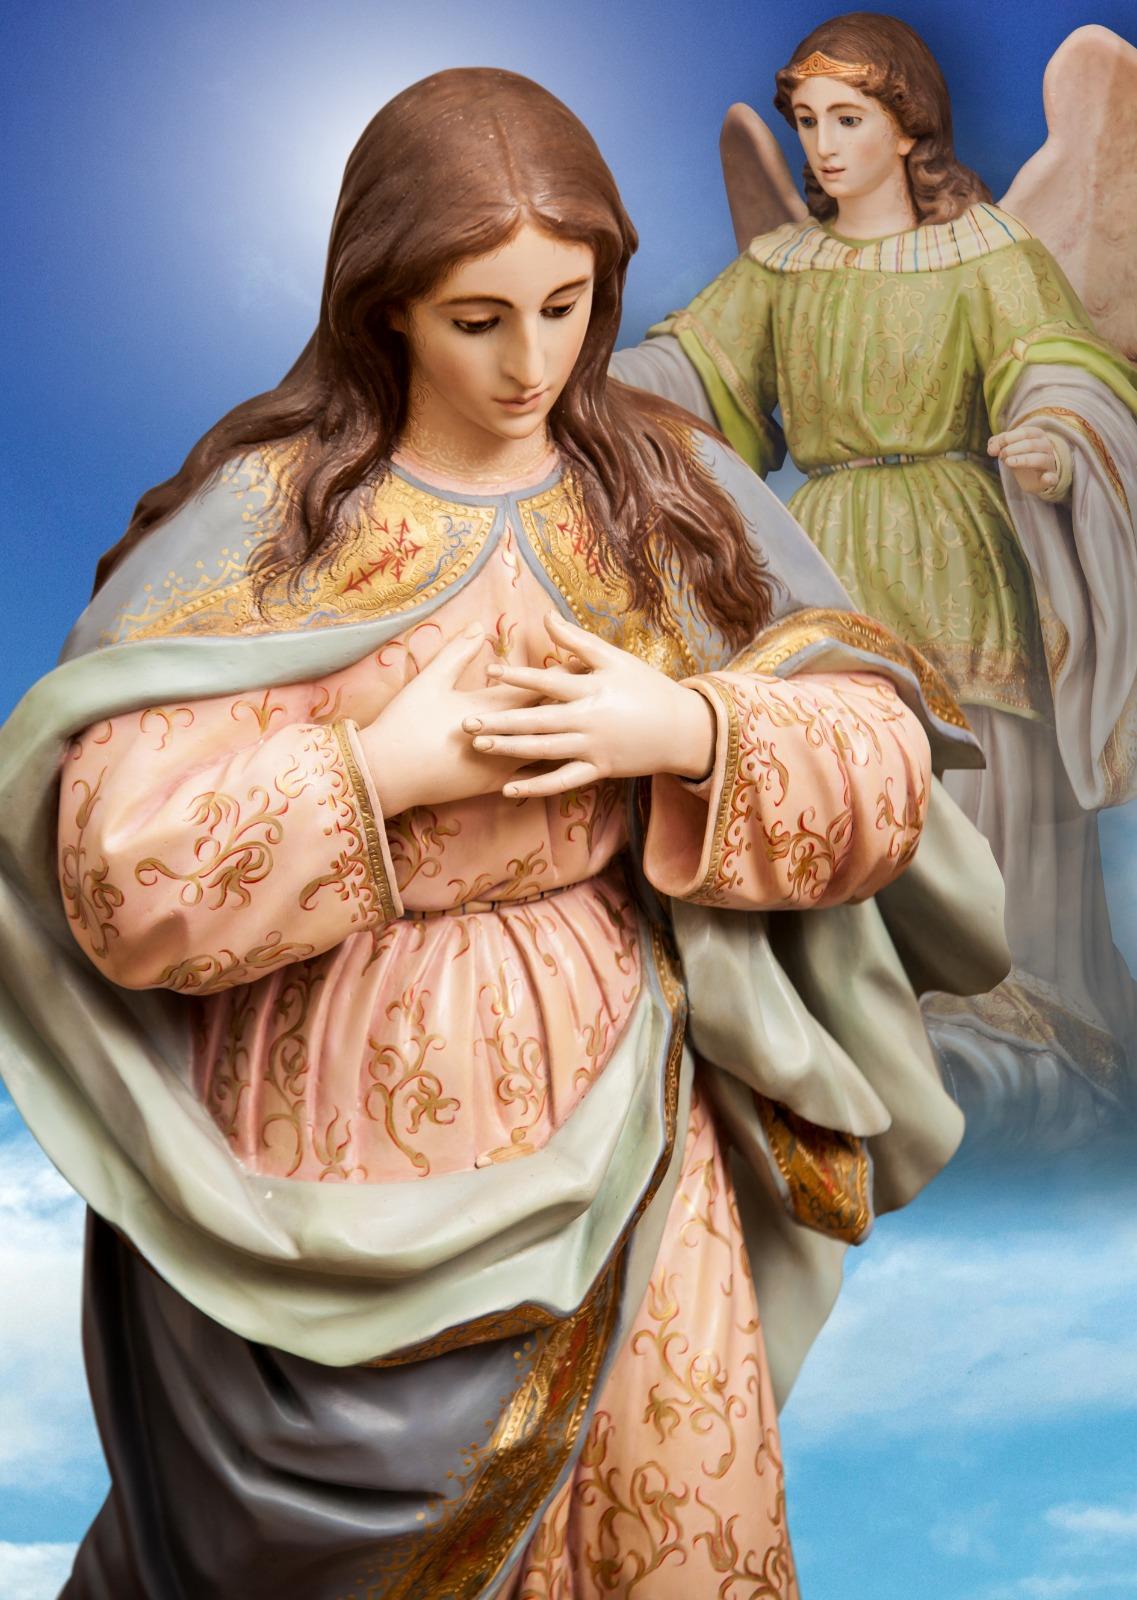 Nuestra Señora de la Encarnación de Herencia1 - El barrio de la Encarnación prepara la festividad de su titular